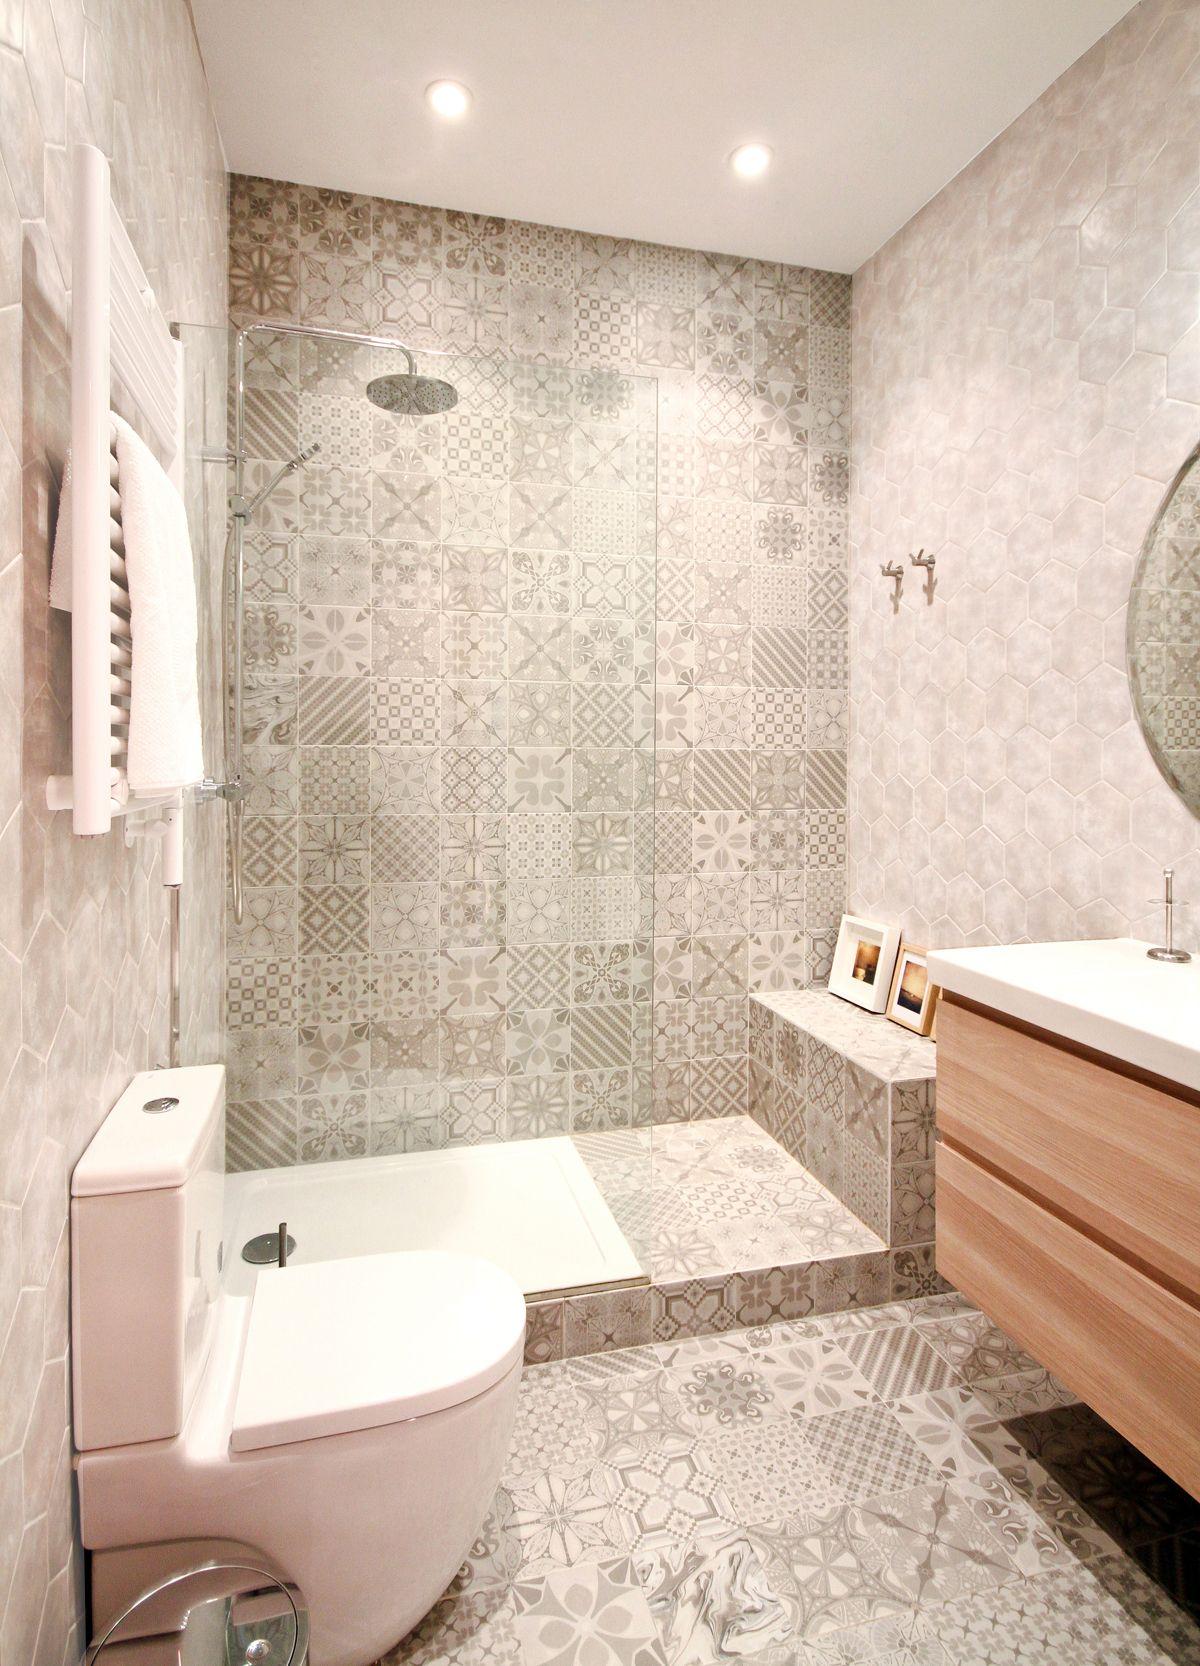 Carrer Valencia _2 Toiletta Pinterest # Muebles Gepetto Mora